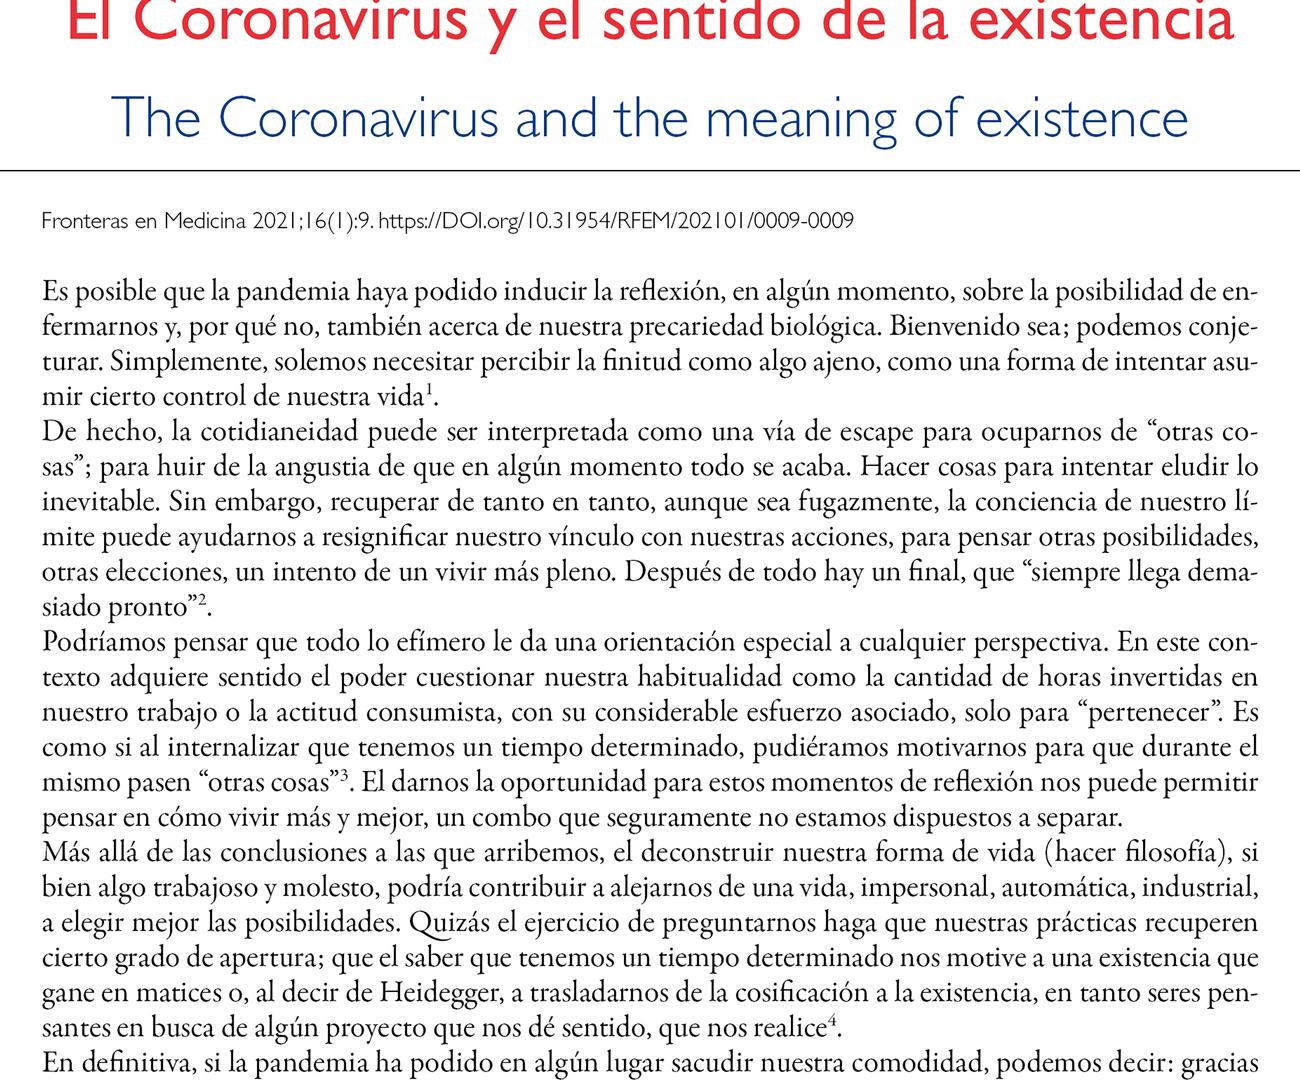 El Coronavirus y el sentido de la existencia